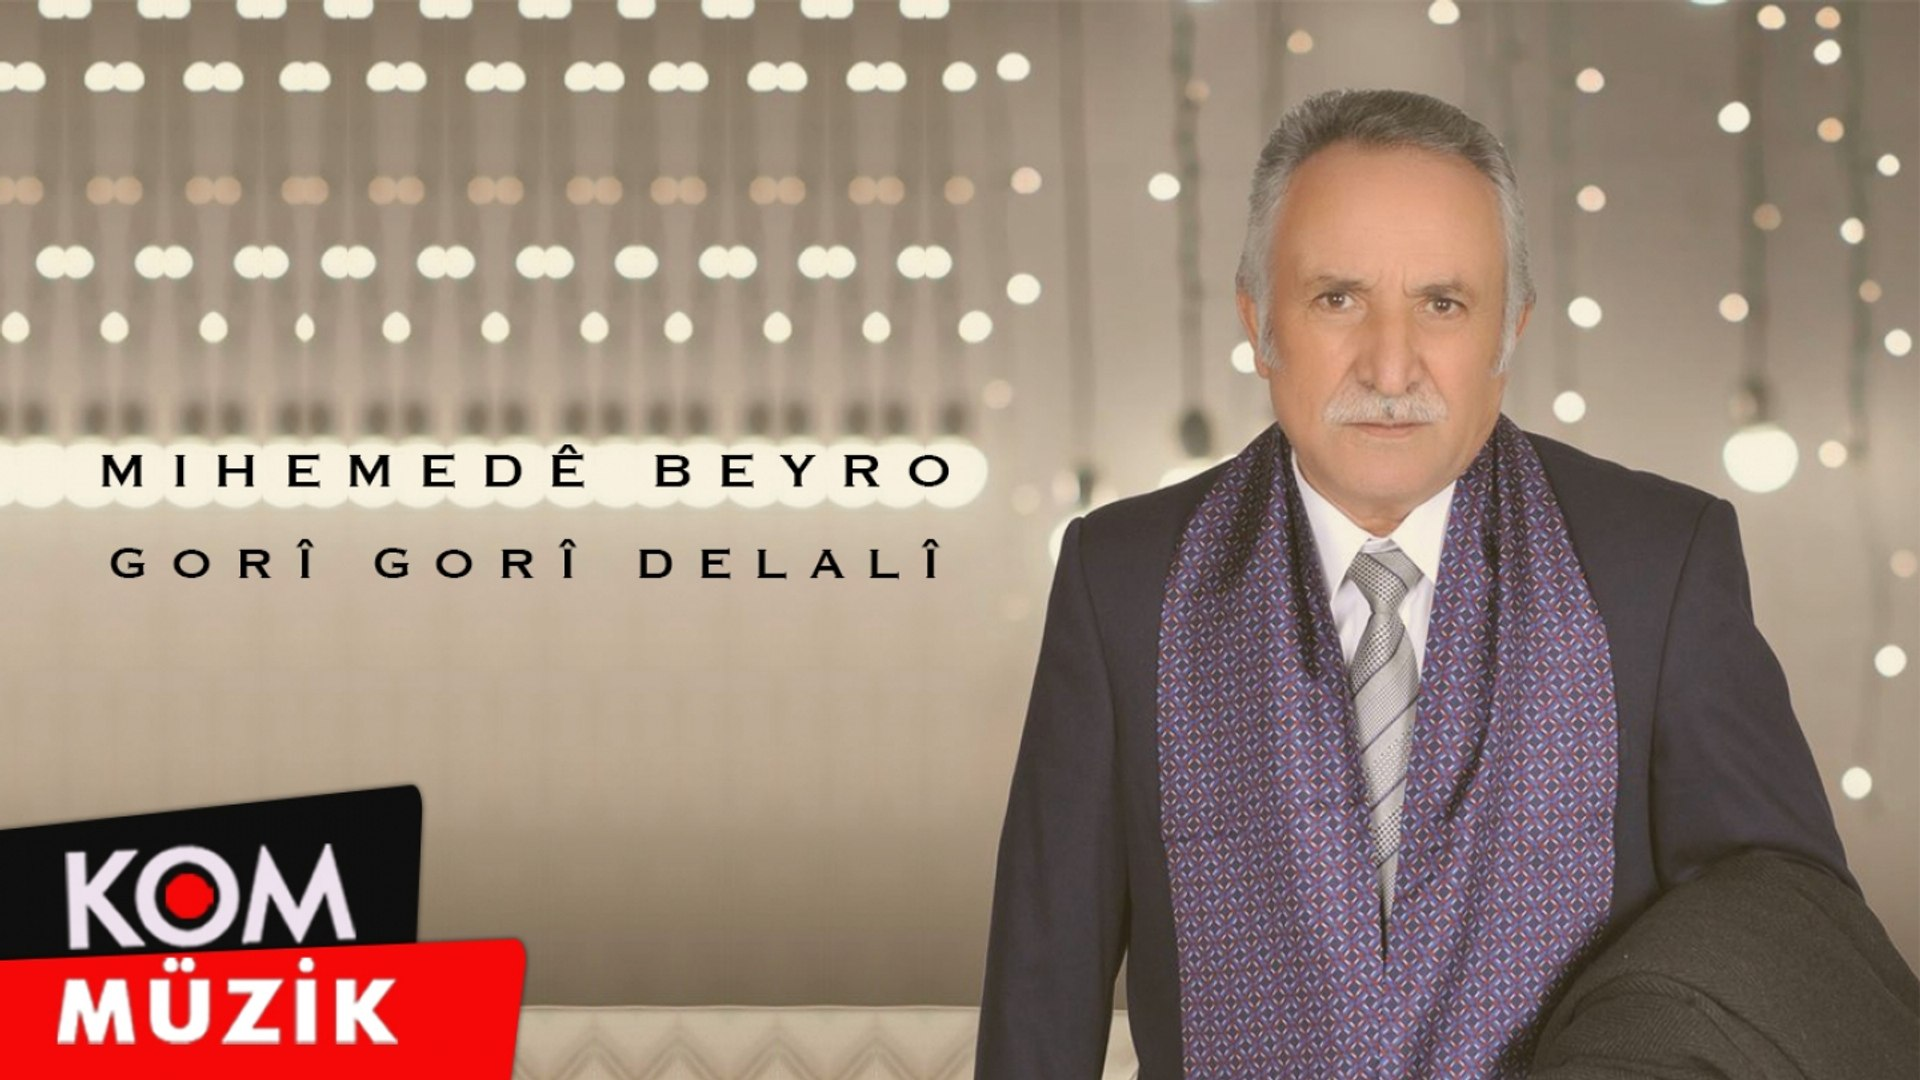 Mihemedê Beyro - Gorî Gorî Delalî (2020 © Kom Müzik)